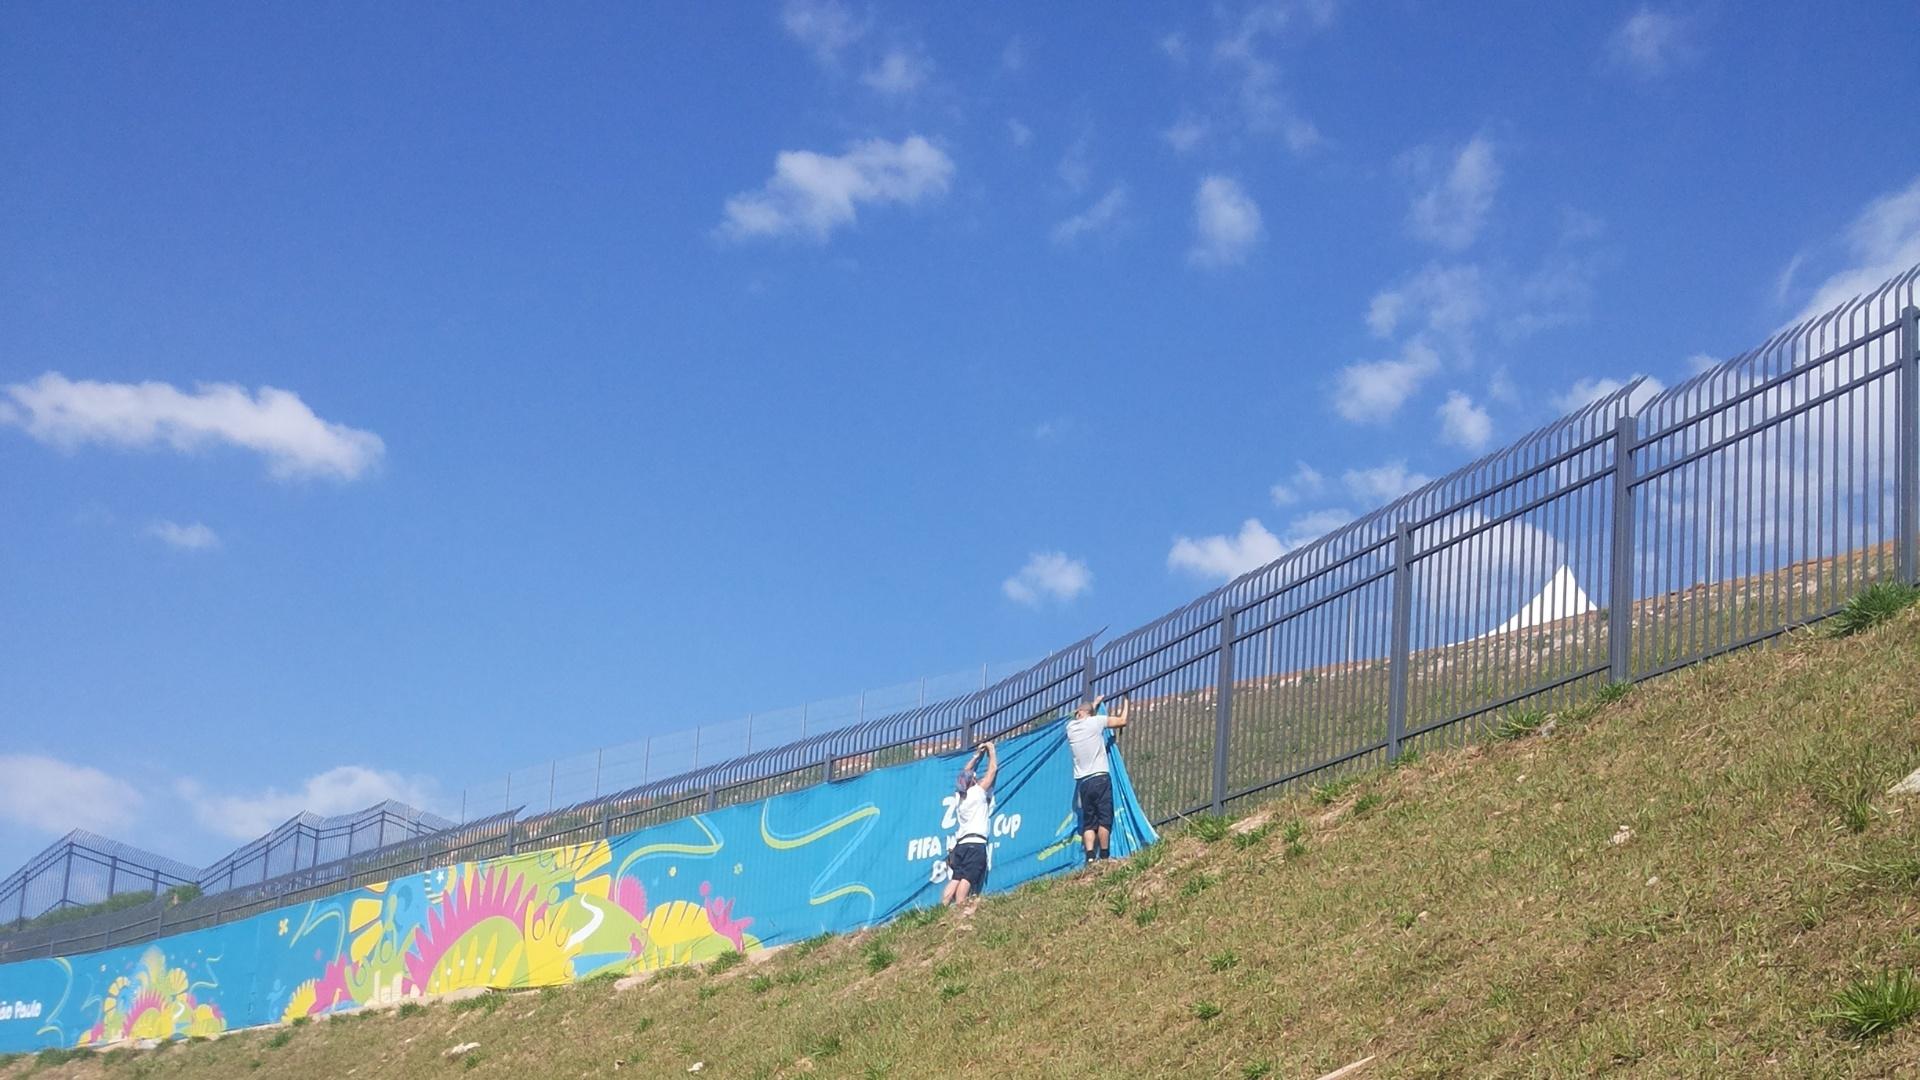 Funcionários prendem faixa da Copa do Mundo no entorno do Itaquerão, estádio que receberá a abertura do torneio